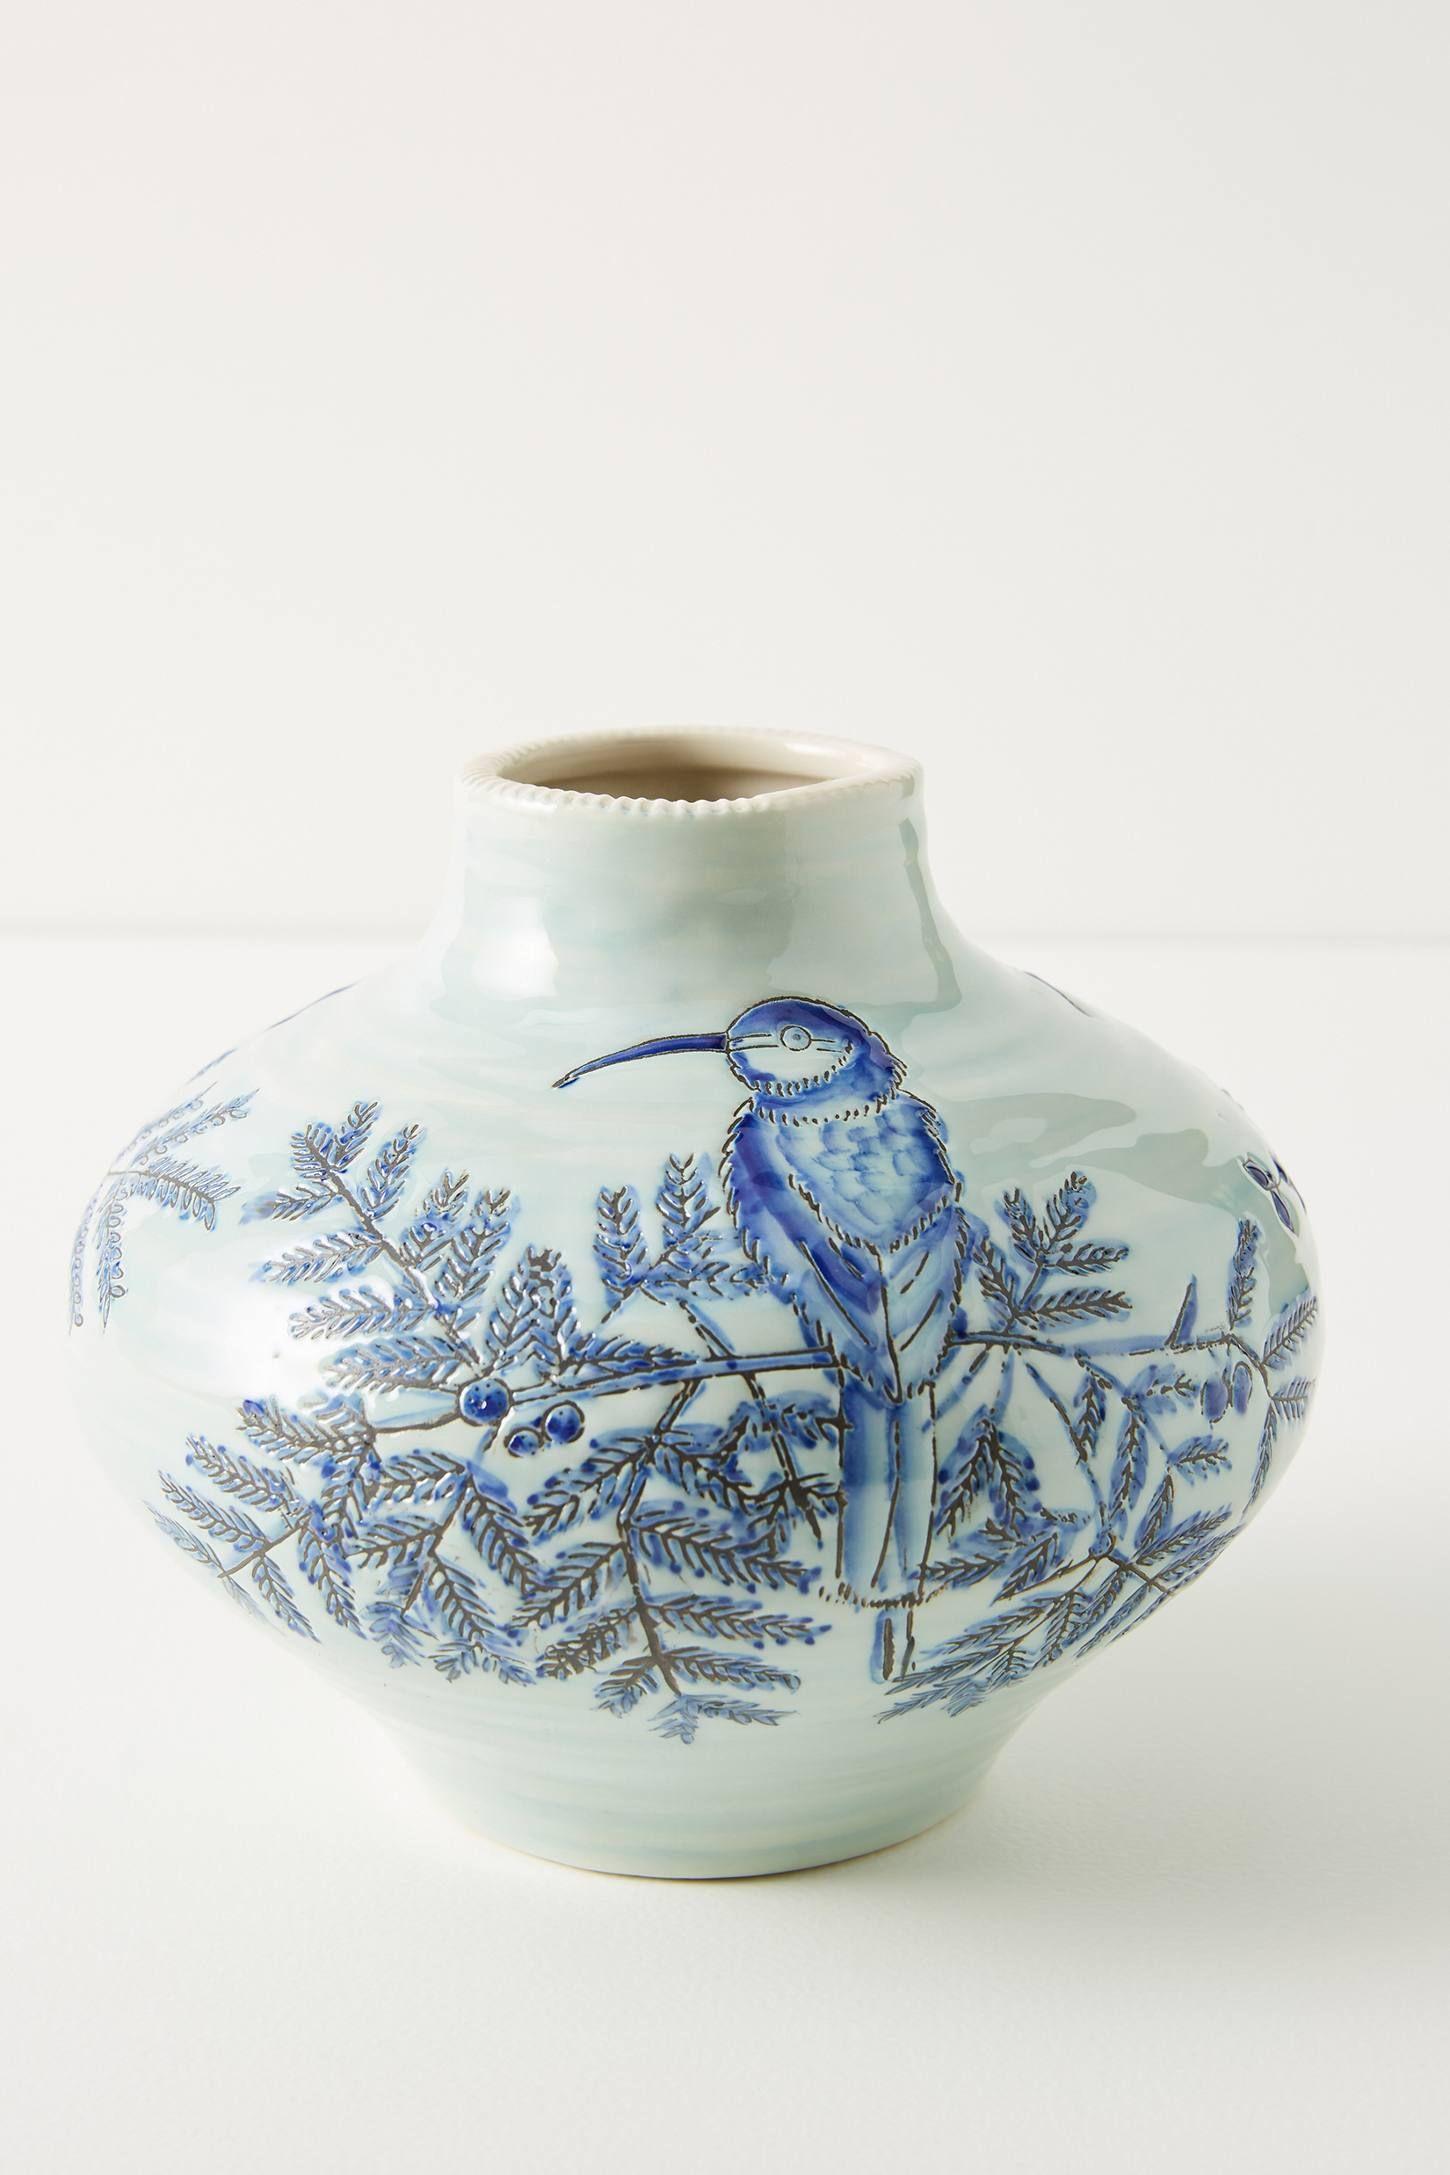 Lisa ringwood flora ceramic vase in 2020 ceramic vase